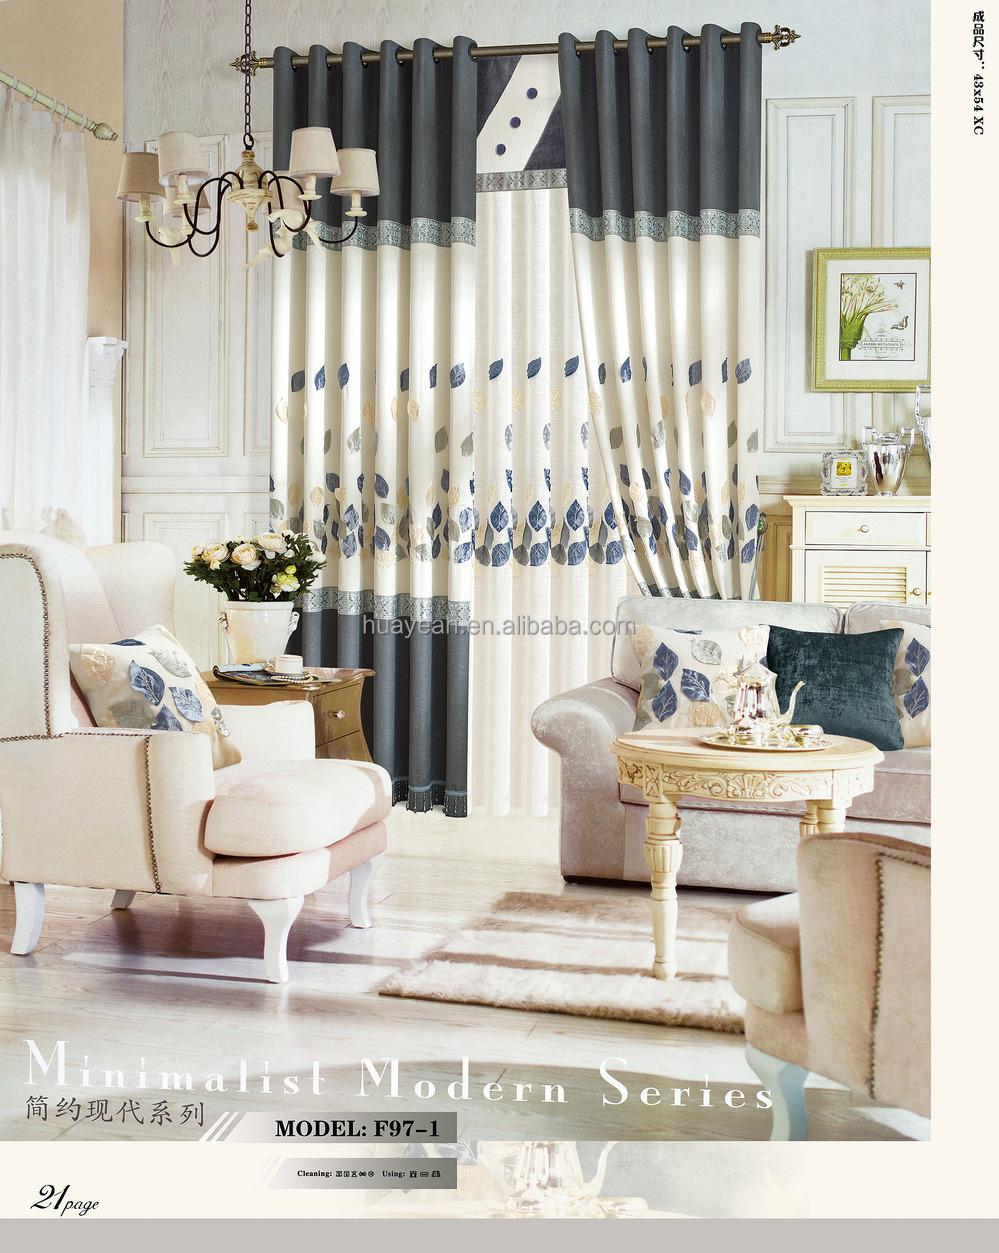 Simple Feuille Design Nouveau Modèle De Rideau De Fenêtre Pour Salon - Buy  Nouveau Rideau De Fenêtre Modèle,Rideaux De Fenêtre Pour Noël,Dernière ...